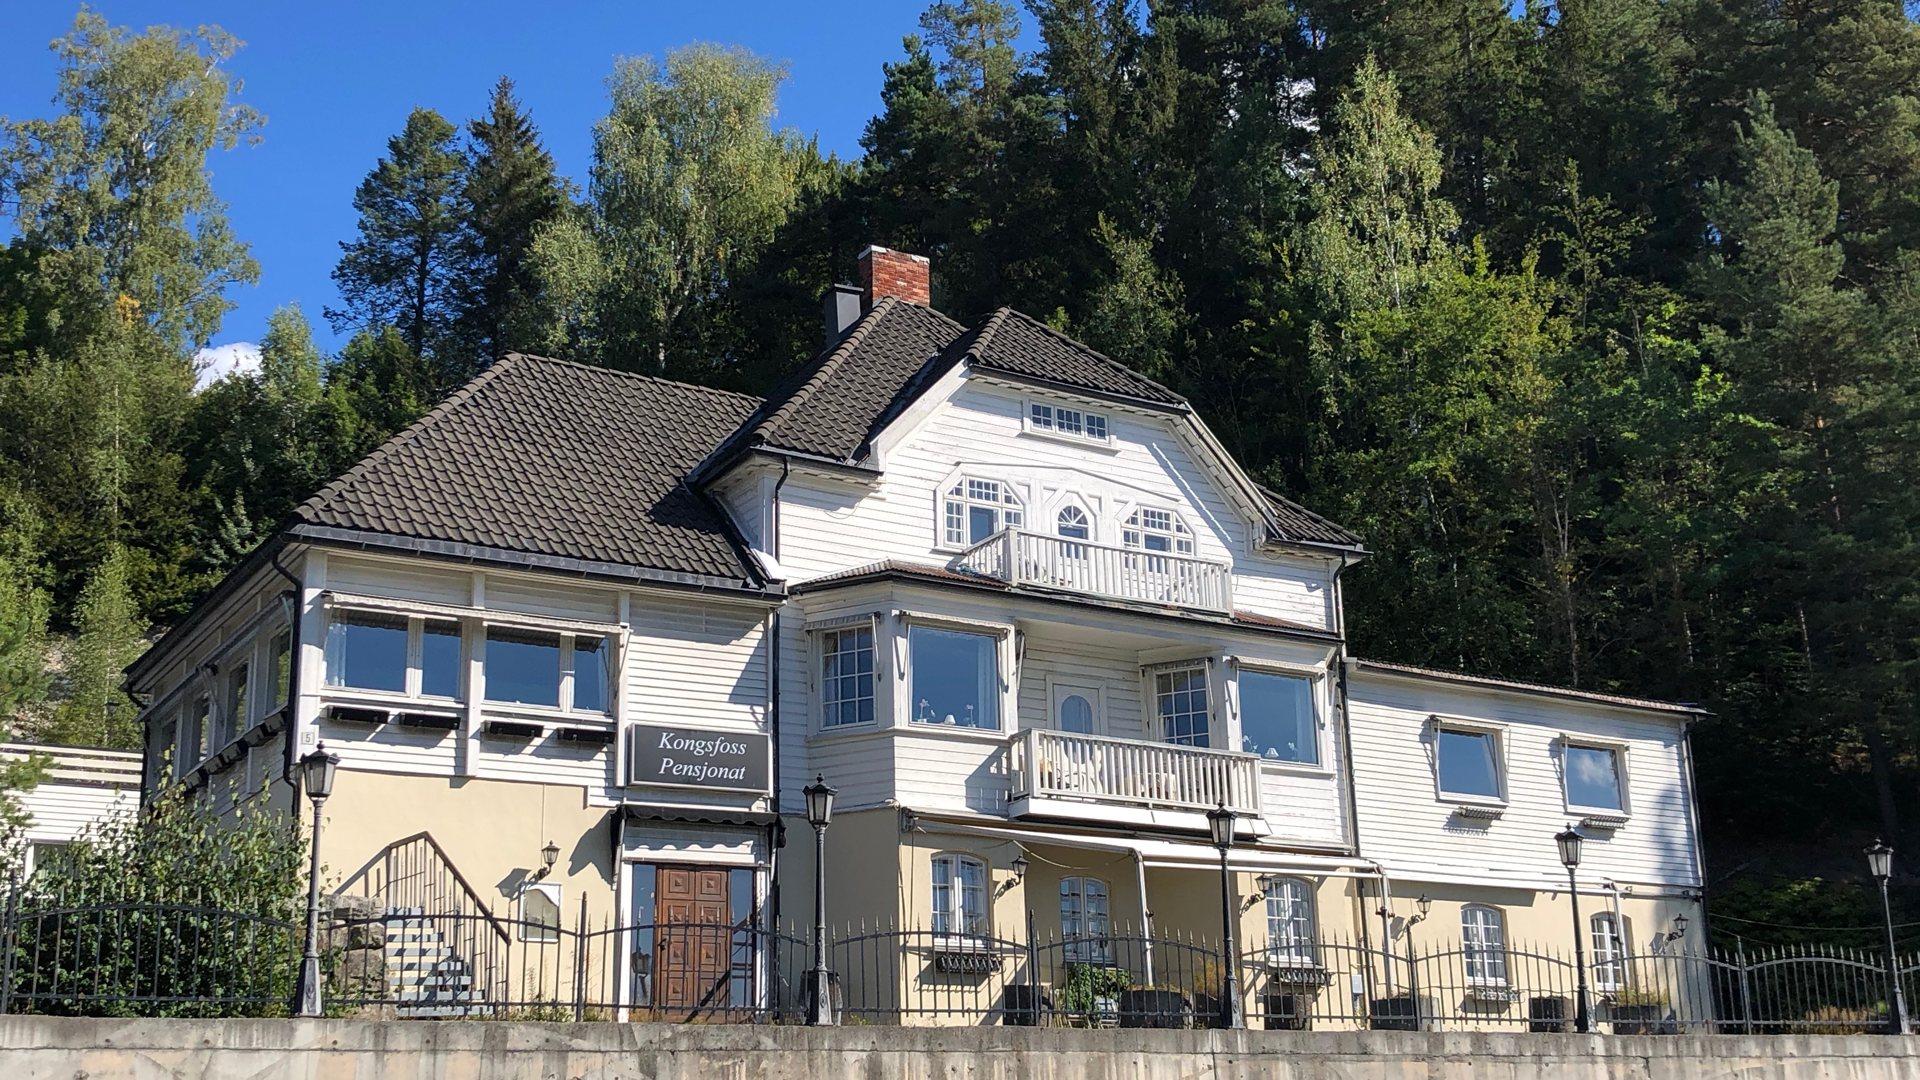 Ny hemmelig eier av Kongsfoss pensjonat